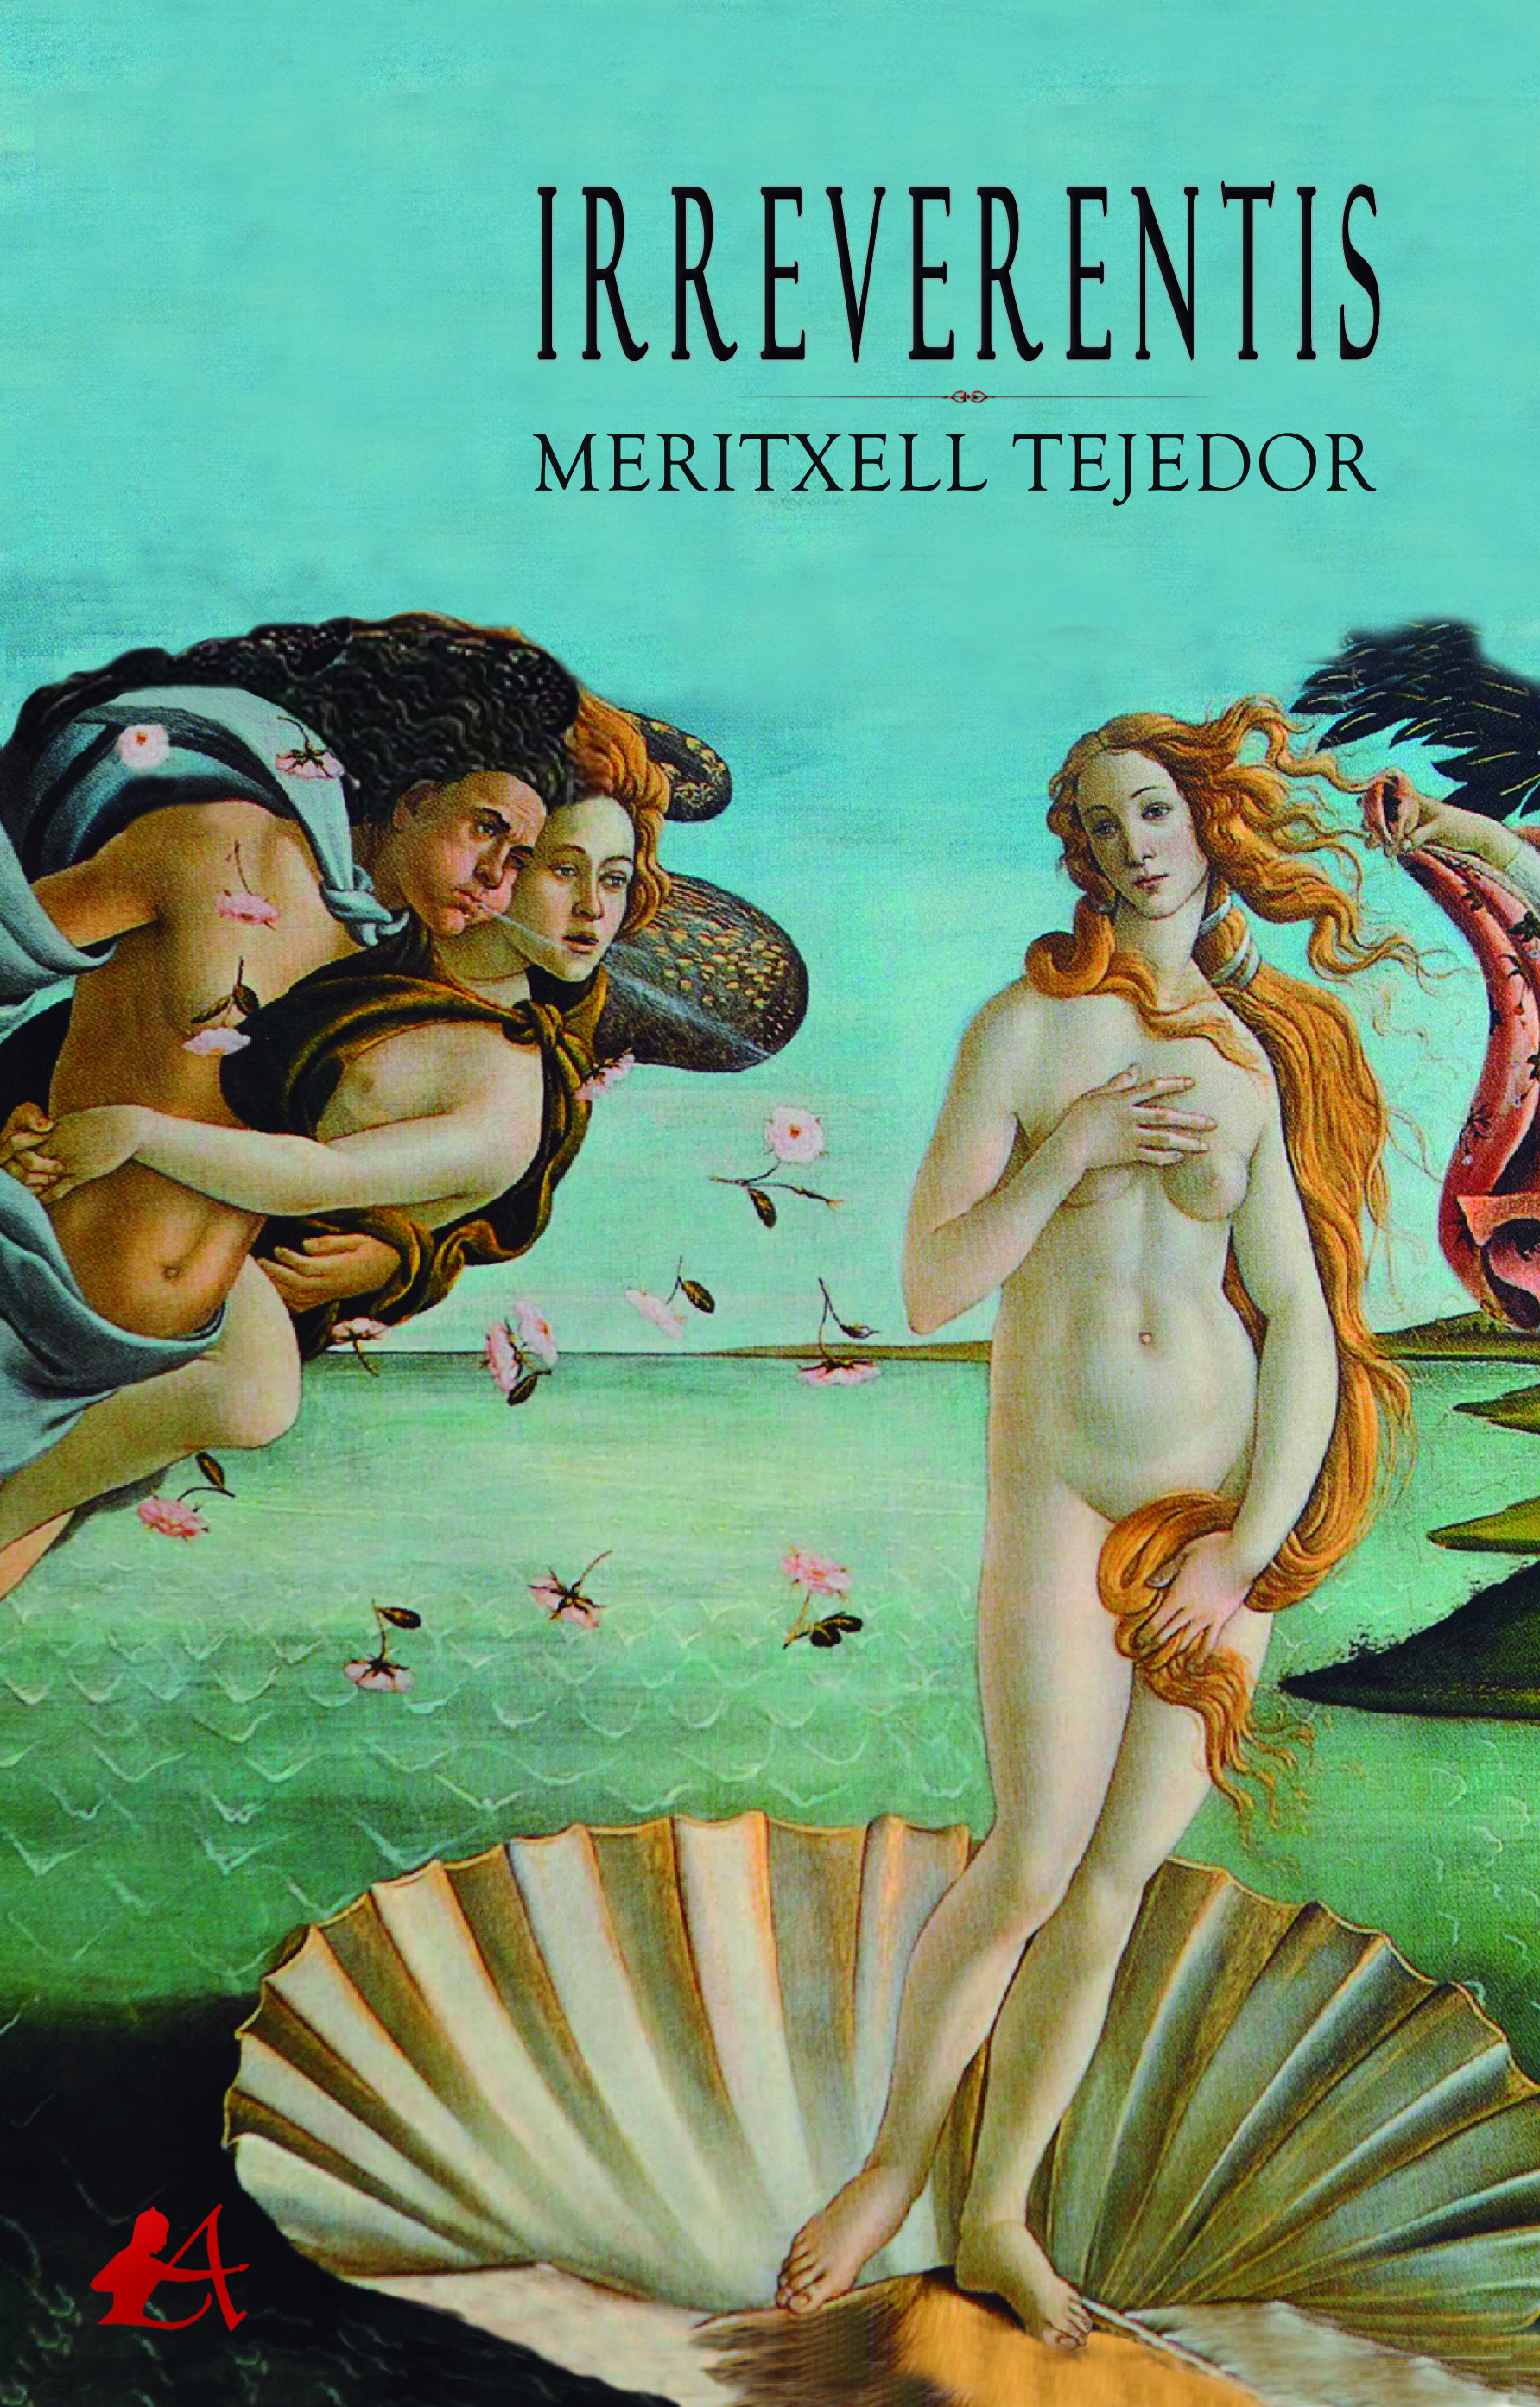 Portada del libro Irreverentis de Meritxell Tejedor. Editorial Adarve, Publicar un libro